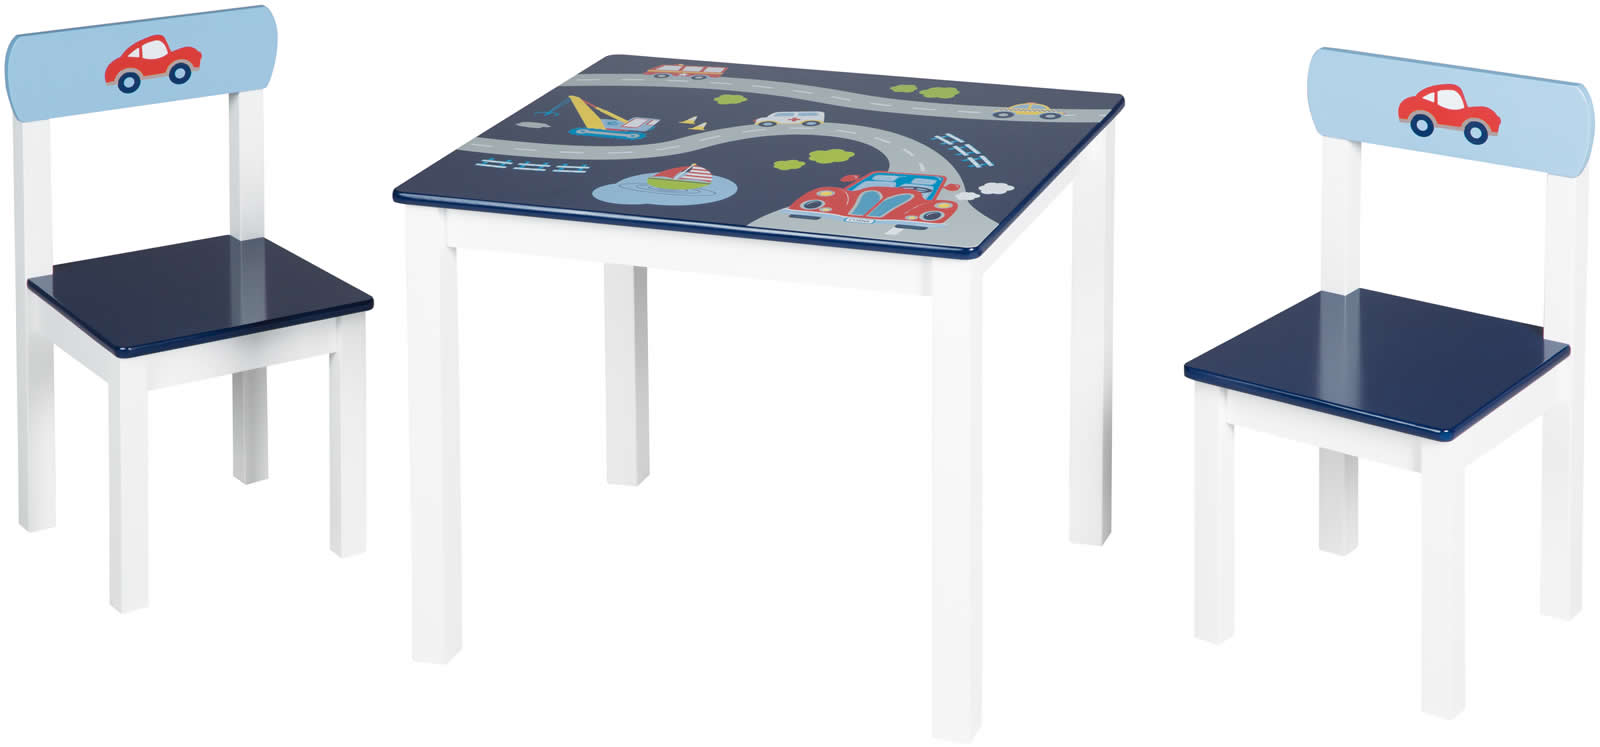 roba kinder sitzgruppe m bel tisch stuhl sitzbank truhe ebay. Black Bedroom Furniture Sets. Home Design Ideas